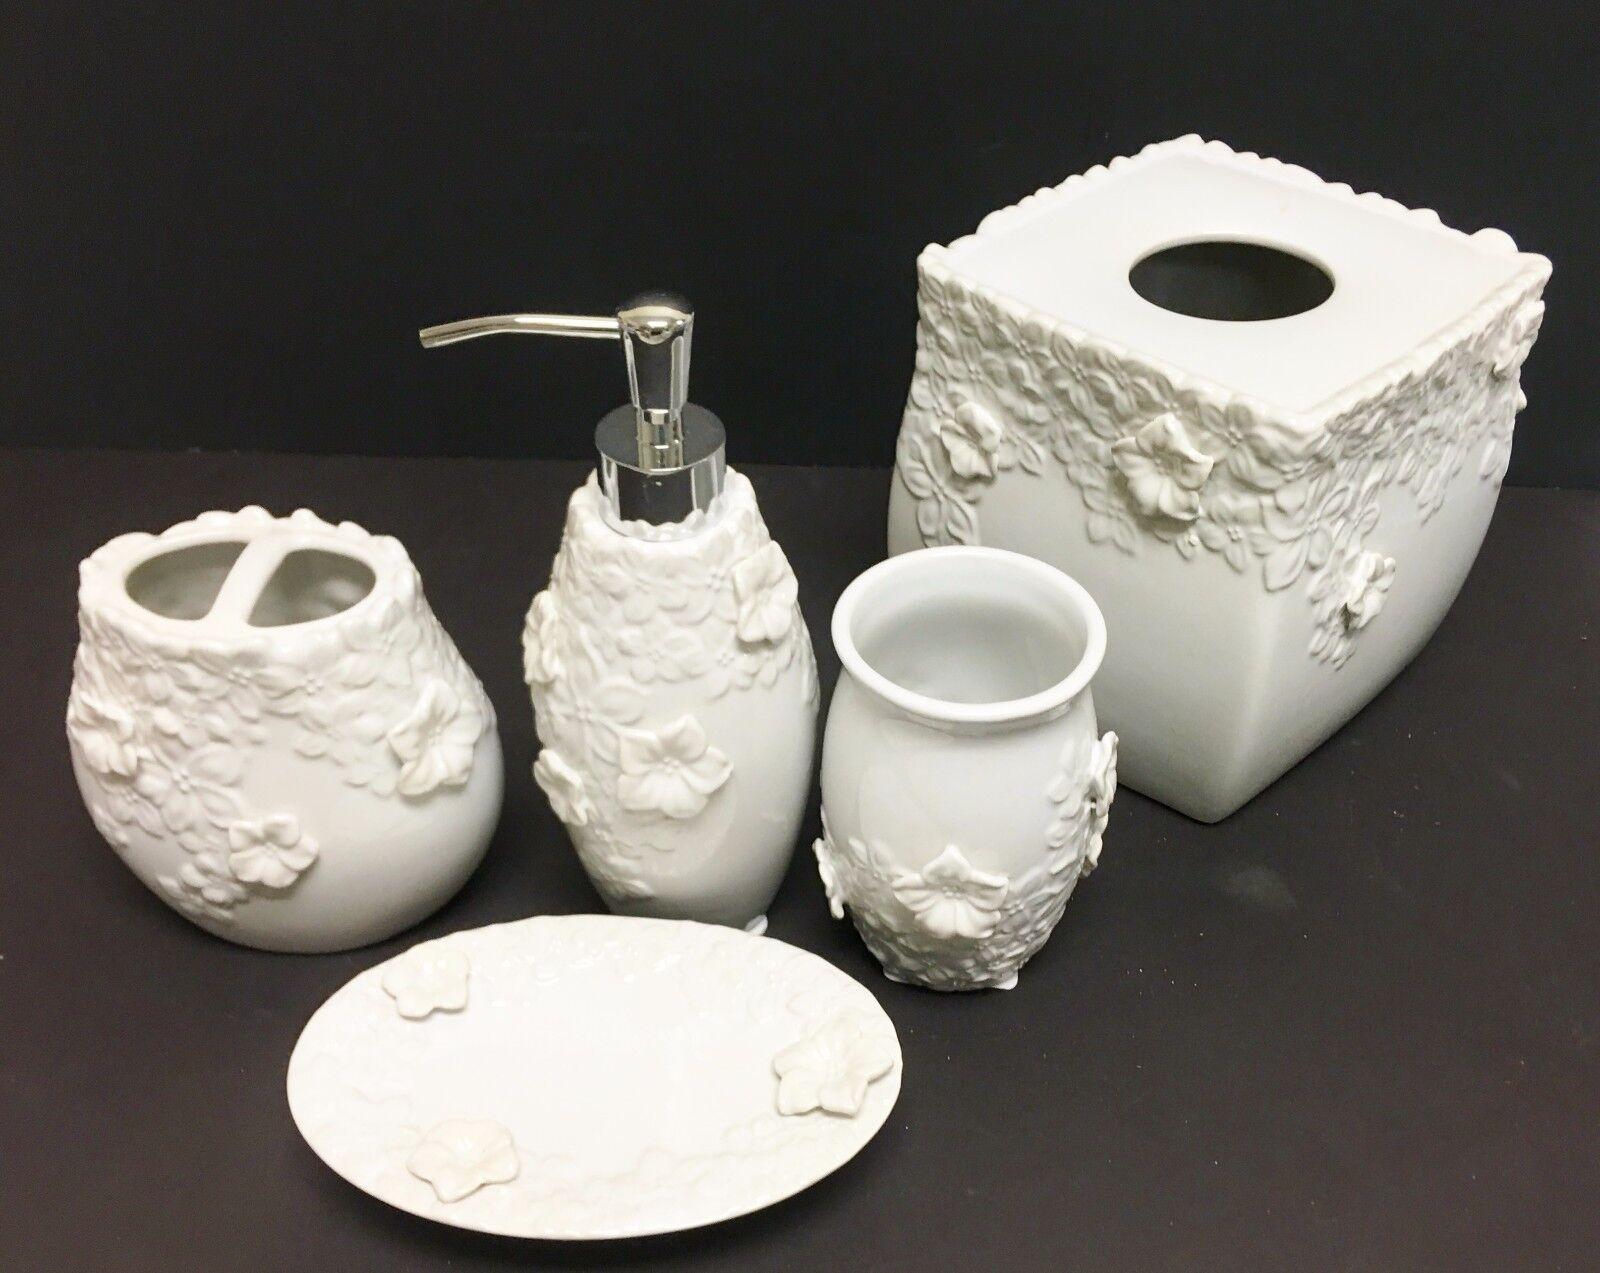 Neuf 5 Pièces Set Blanc Blanc Blanc 3D Floral Céramique Distributeur de Savon ,Serviette, | Fiable Réputation  9027c6